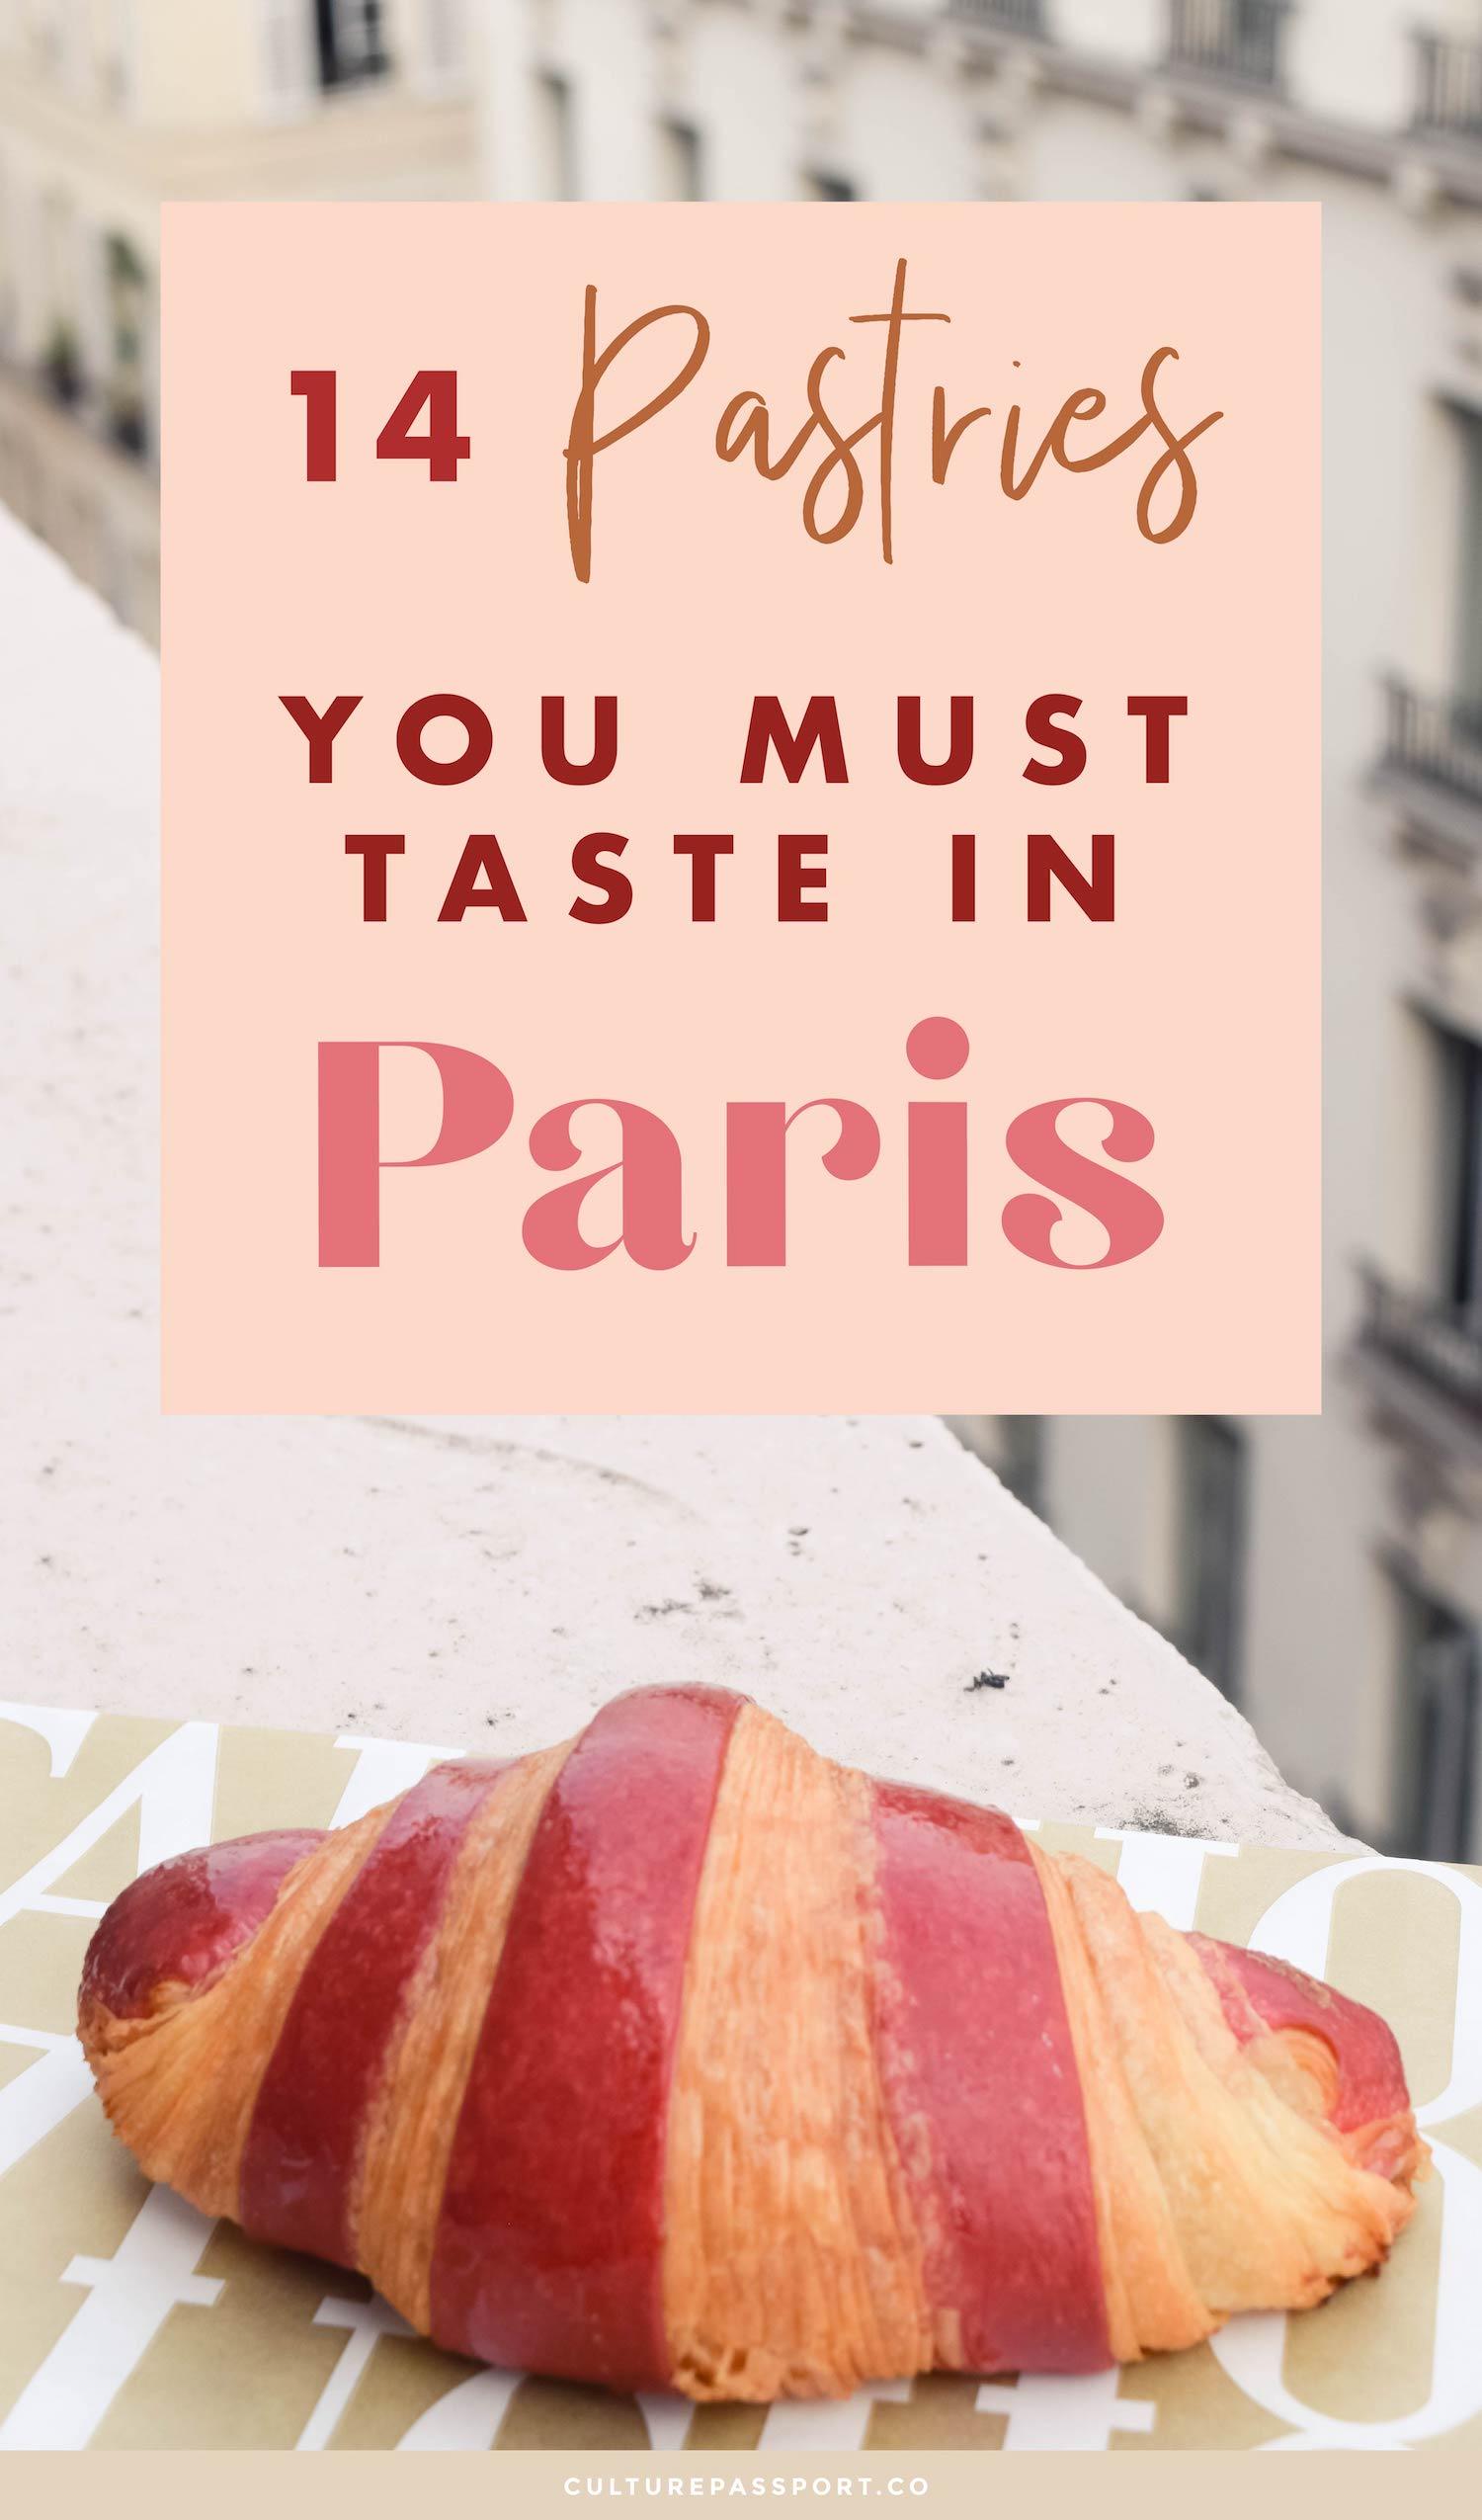 14 Pastries You MUST Taste In Paris